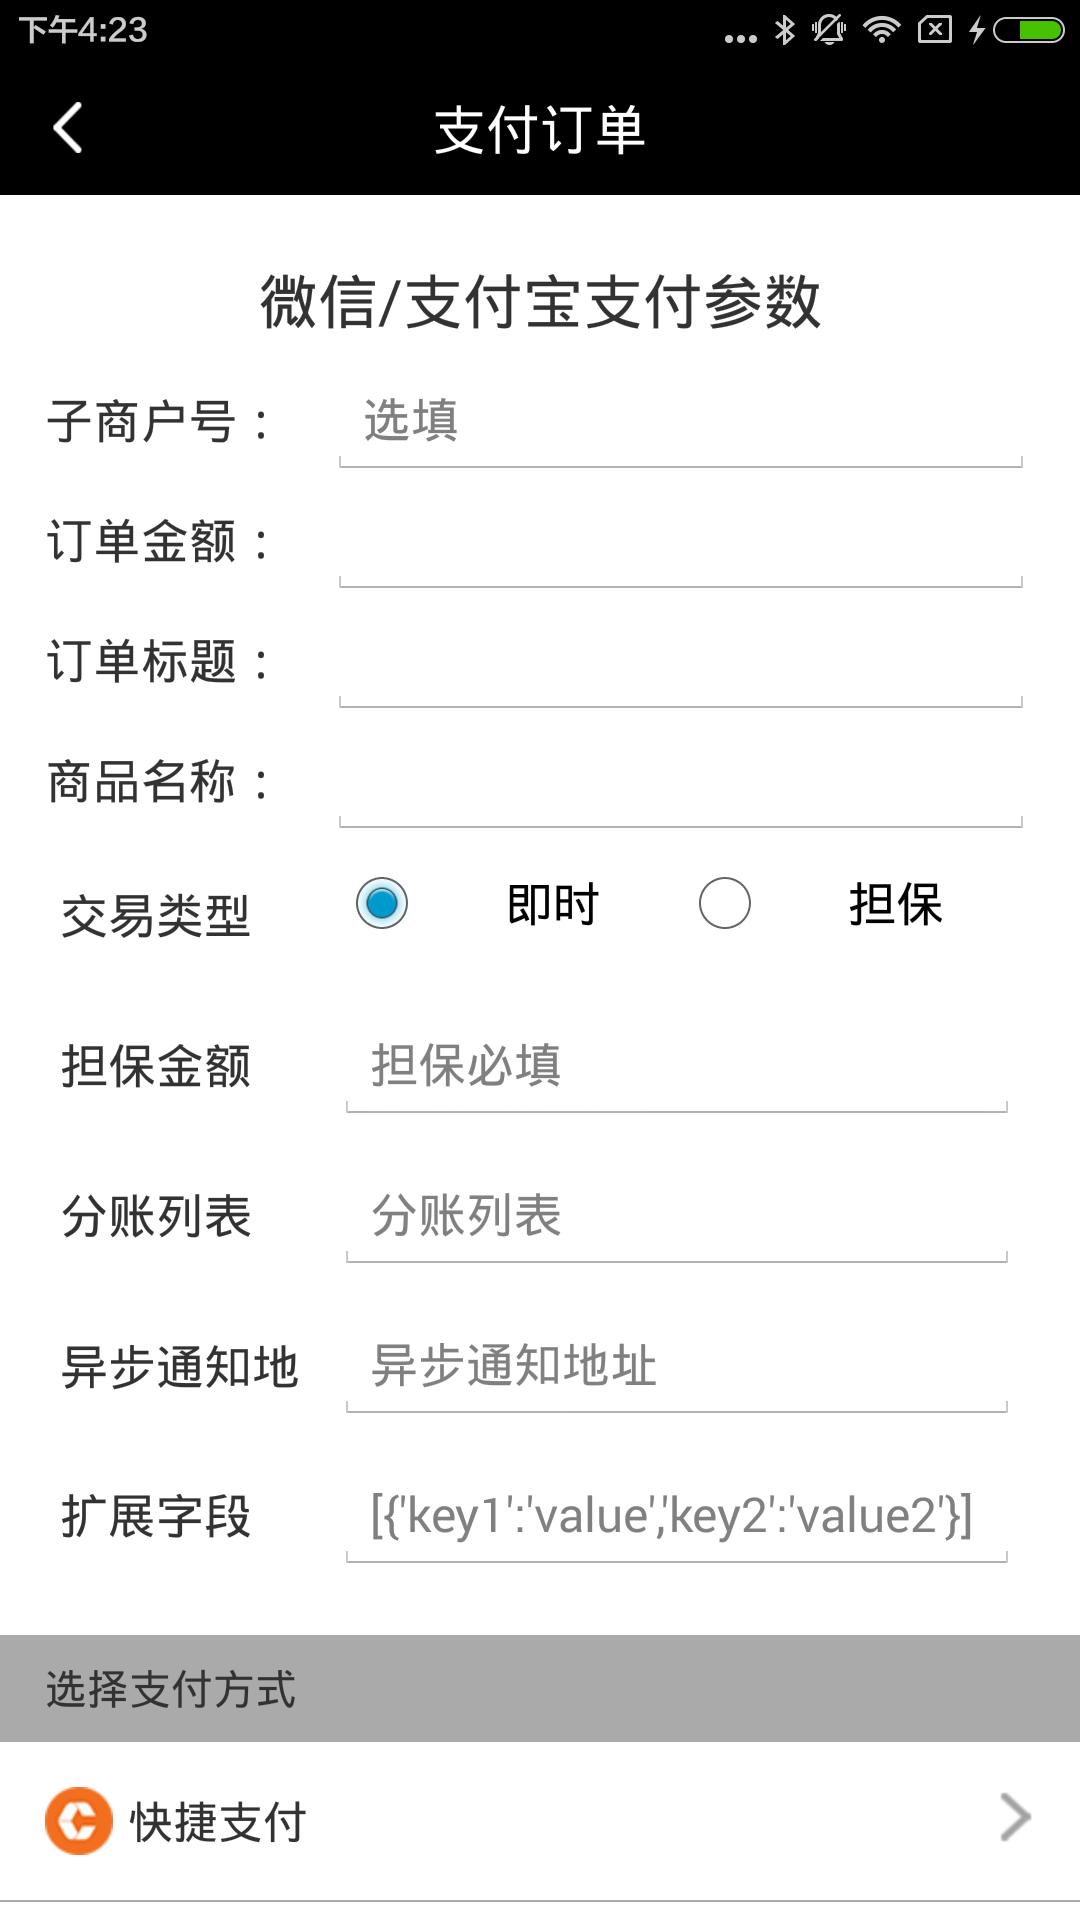 畅捷支付app手机版图1: